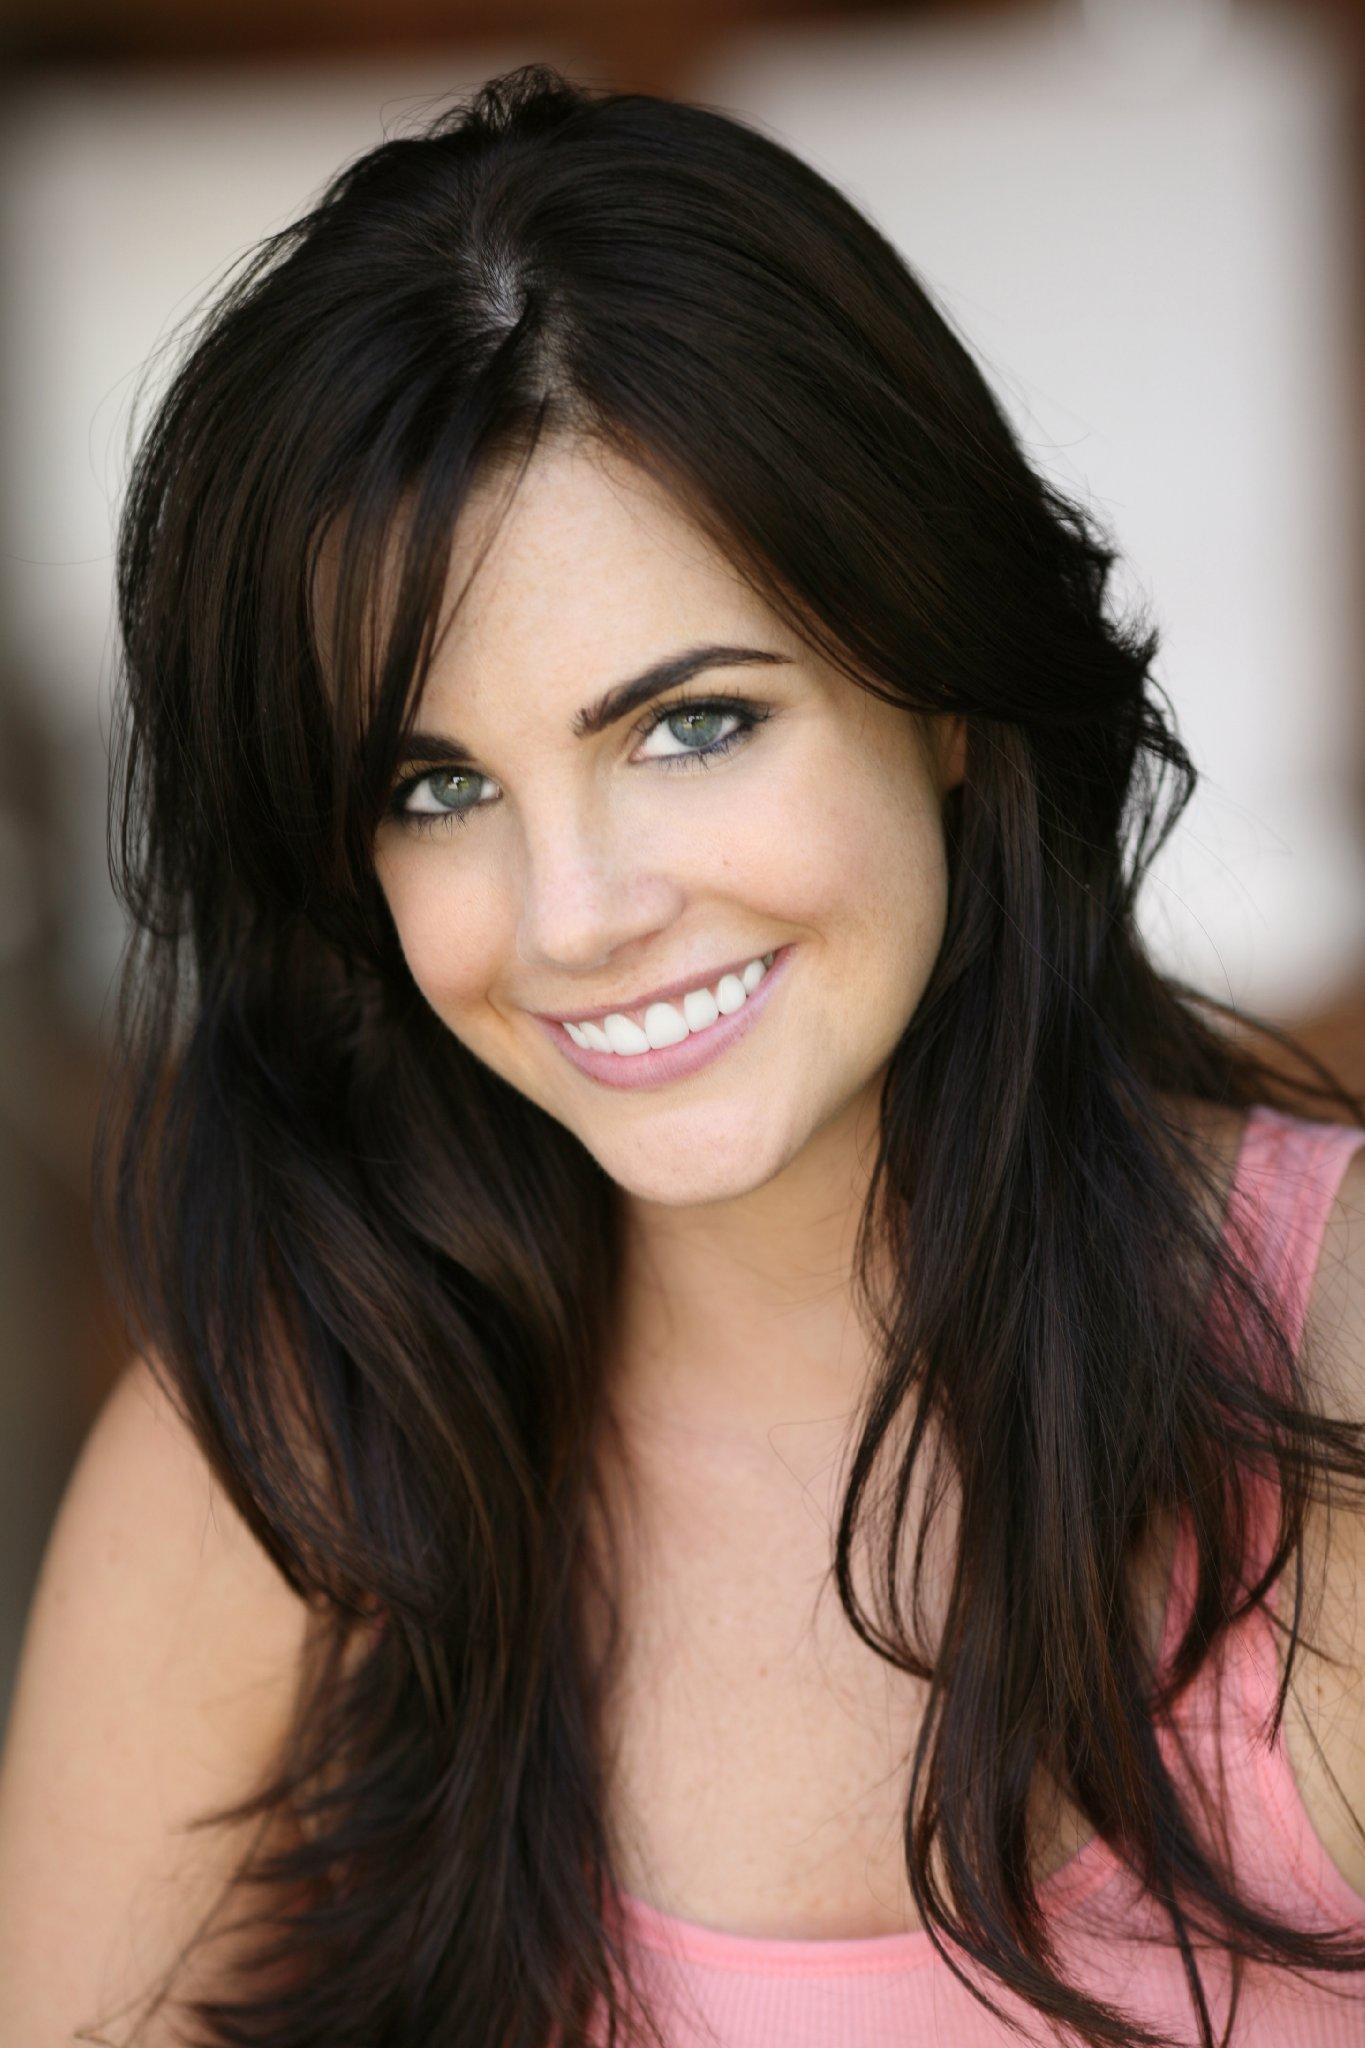 Jillian-Murray-Large-IMDb-jillian-murray-30558194-1365-2048.jpg